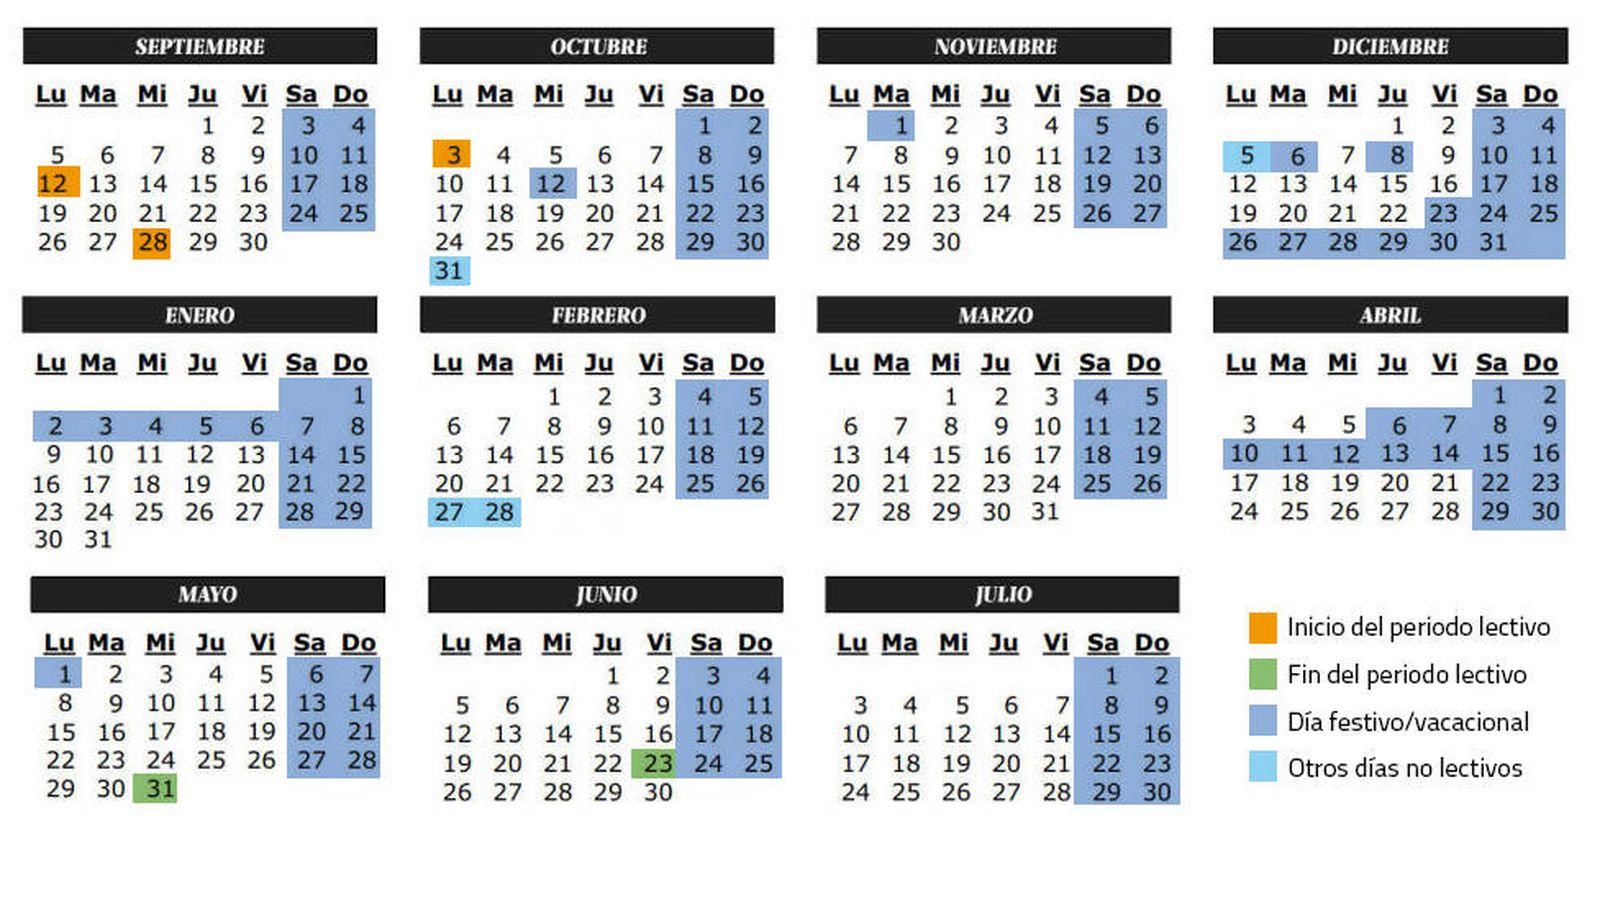 Calendario Escolar 18 19 Cantabria.Vacaciones Calendario Escolar Del Curso 2016 2017 En